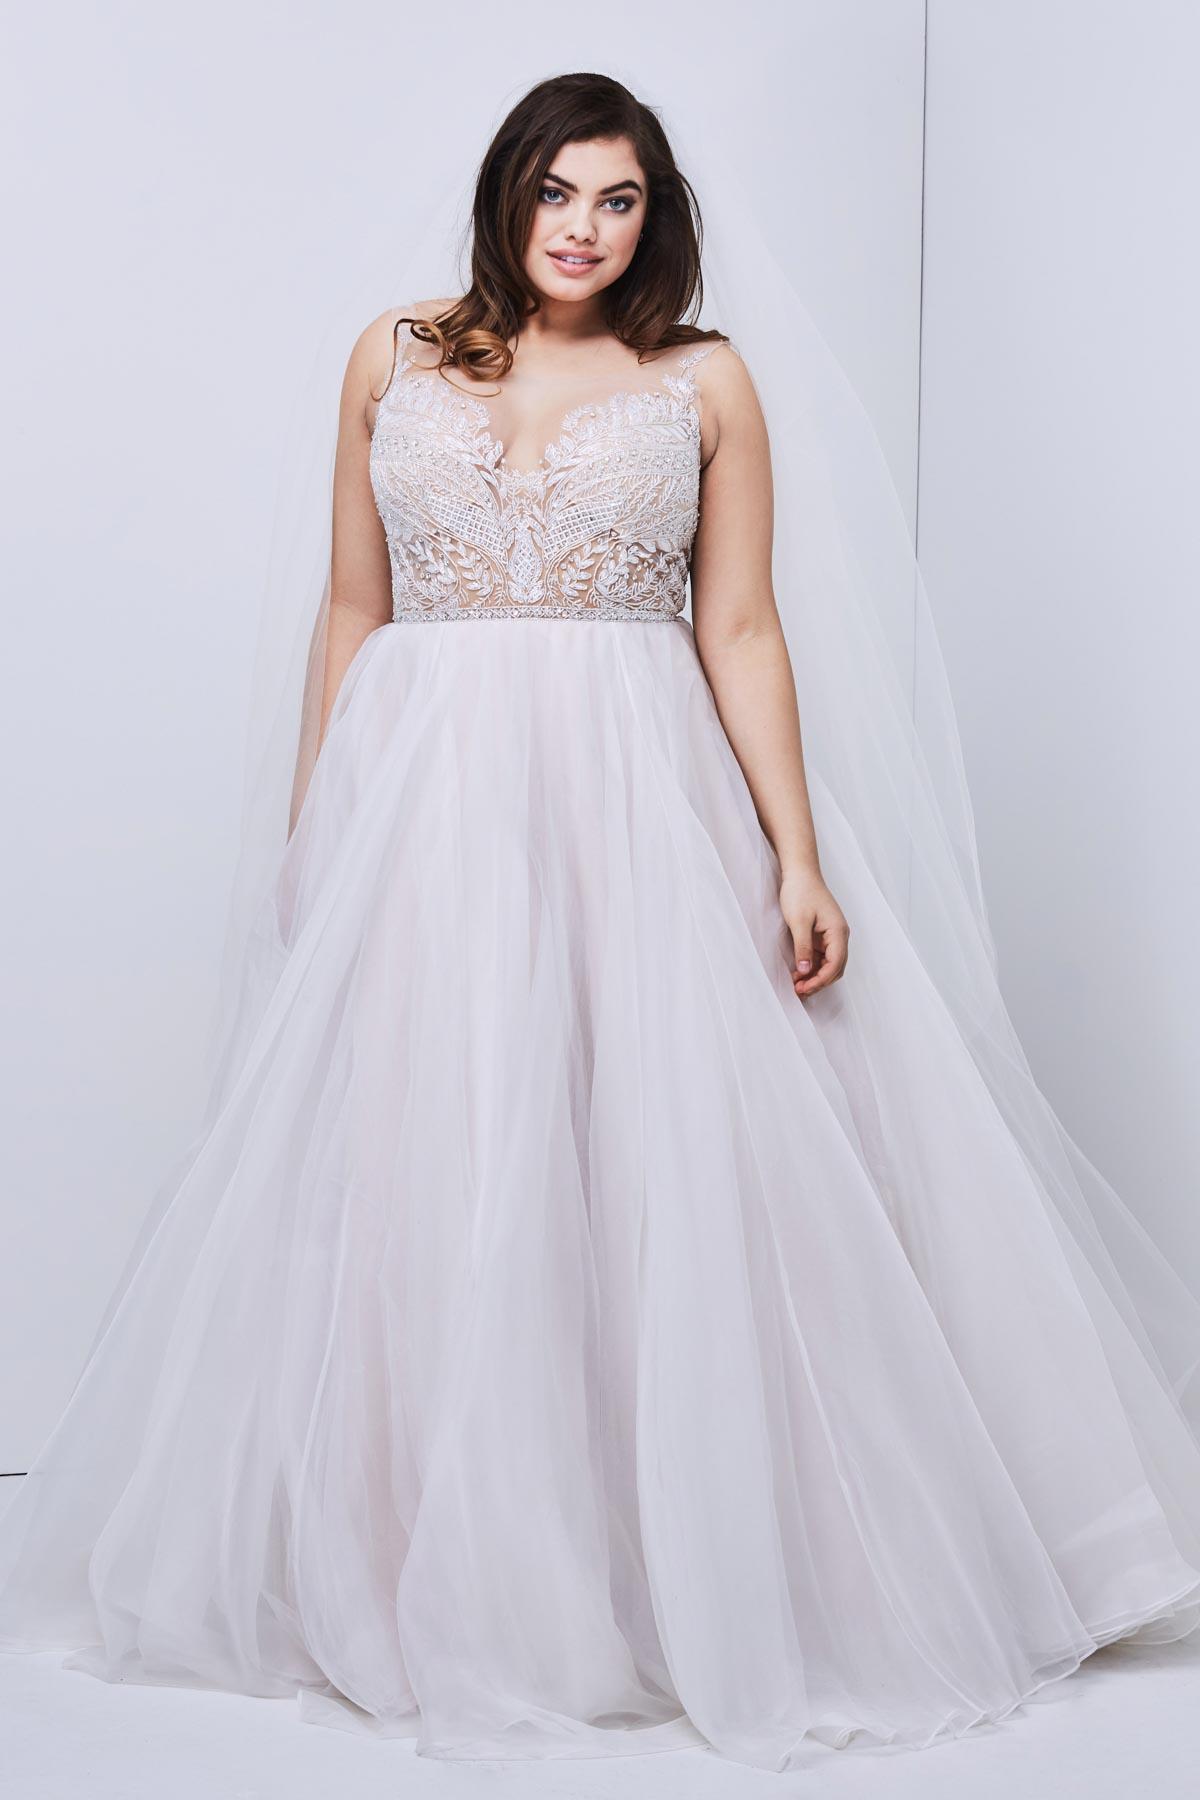 Mihr Wedding Dress by Watters